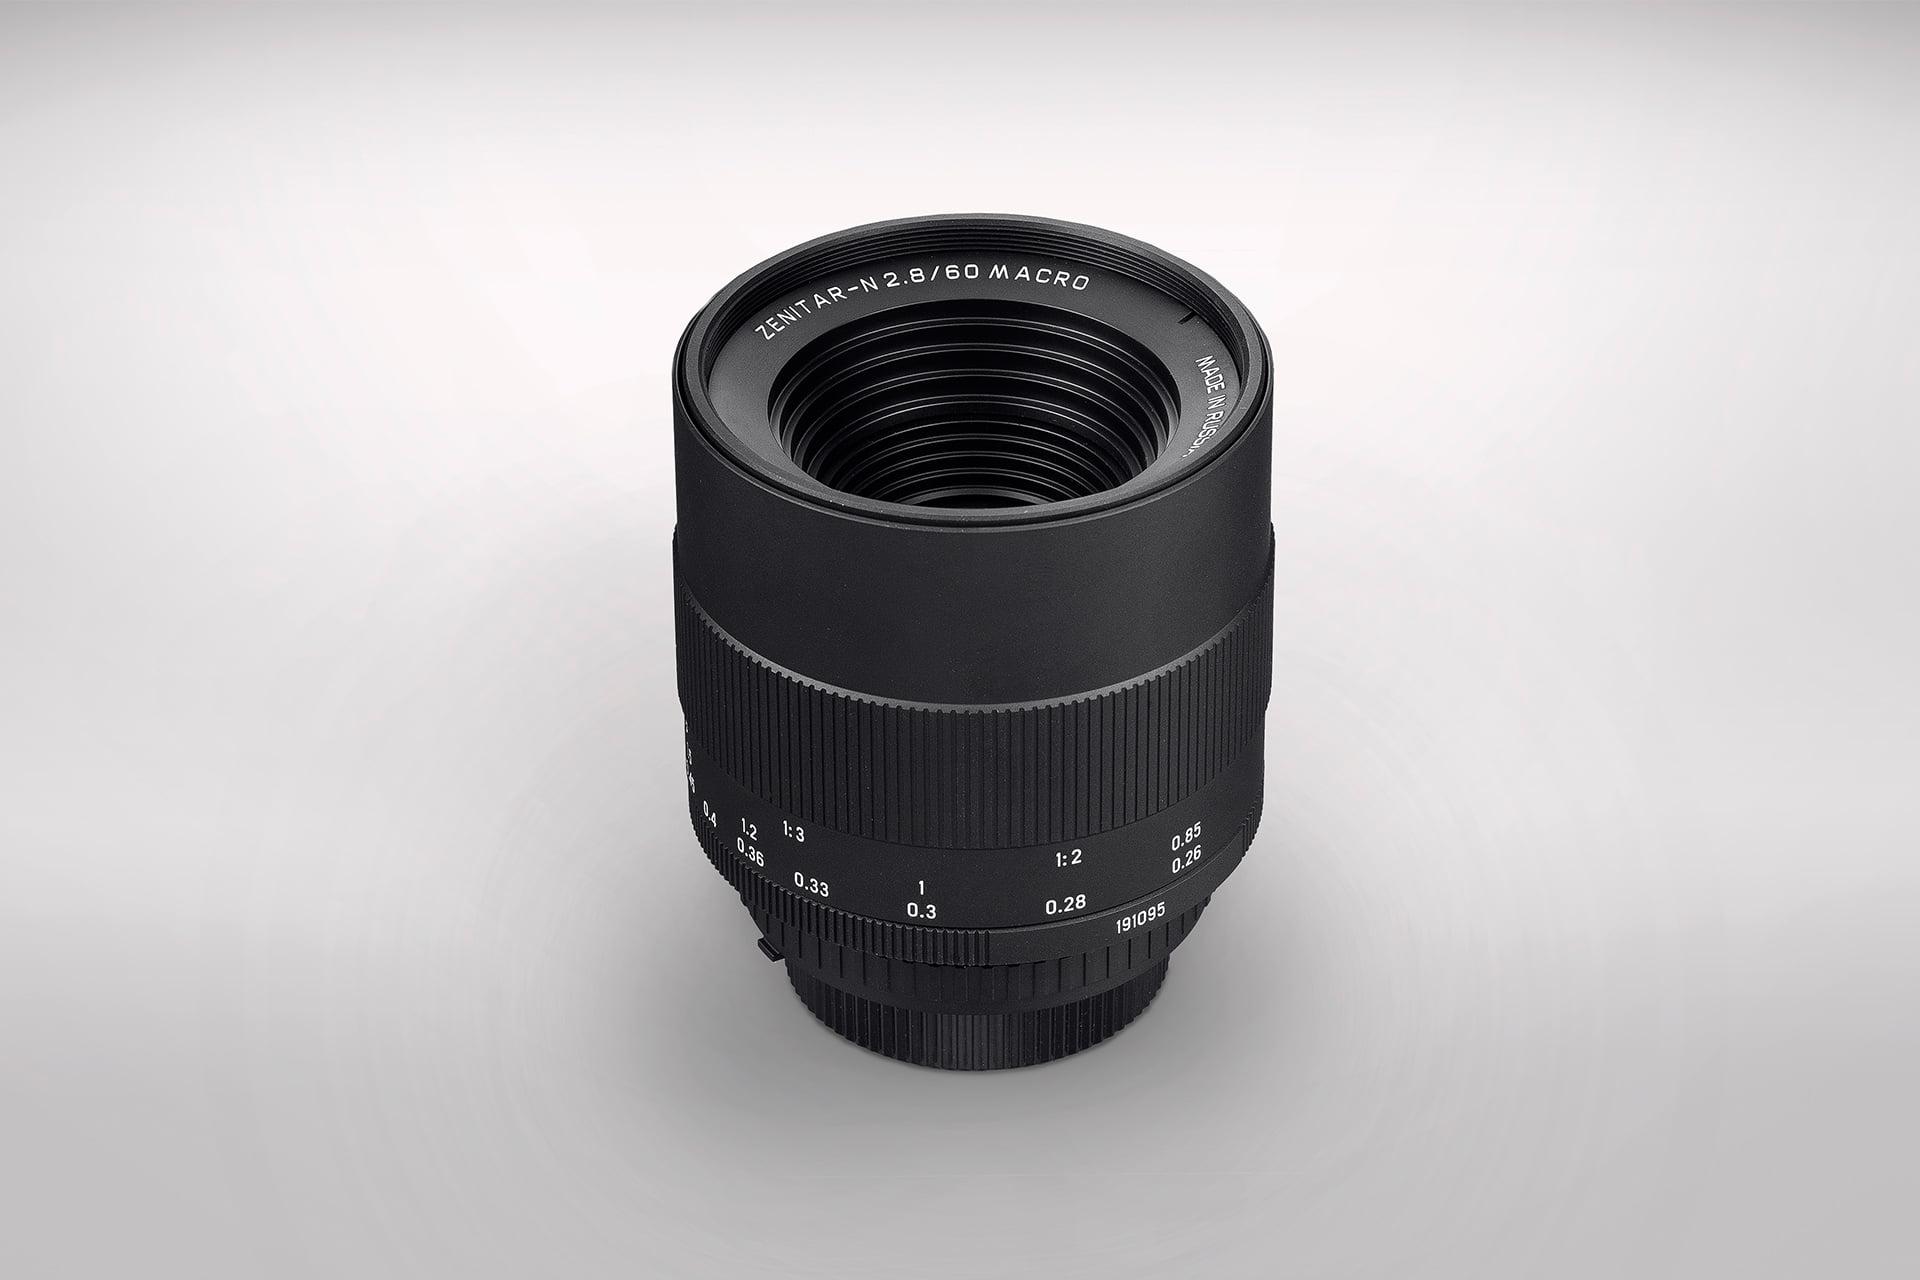 Zenitar-N 60/2.8 macro lens (Pic: KMZ)